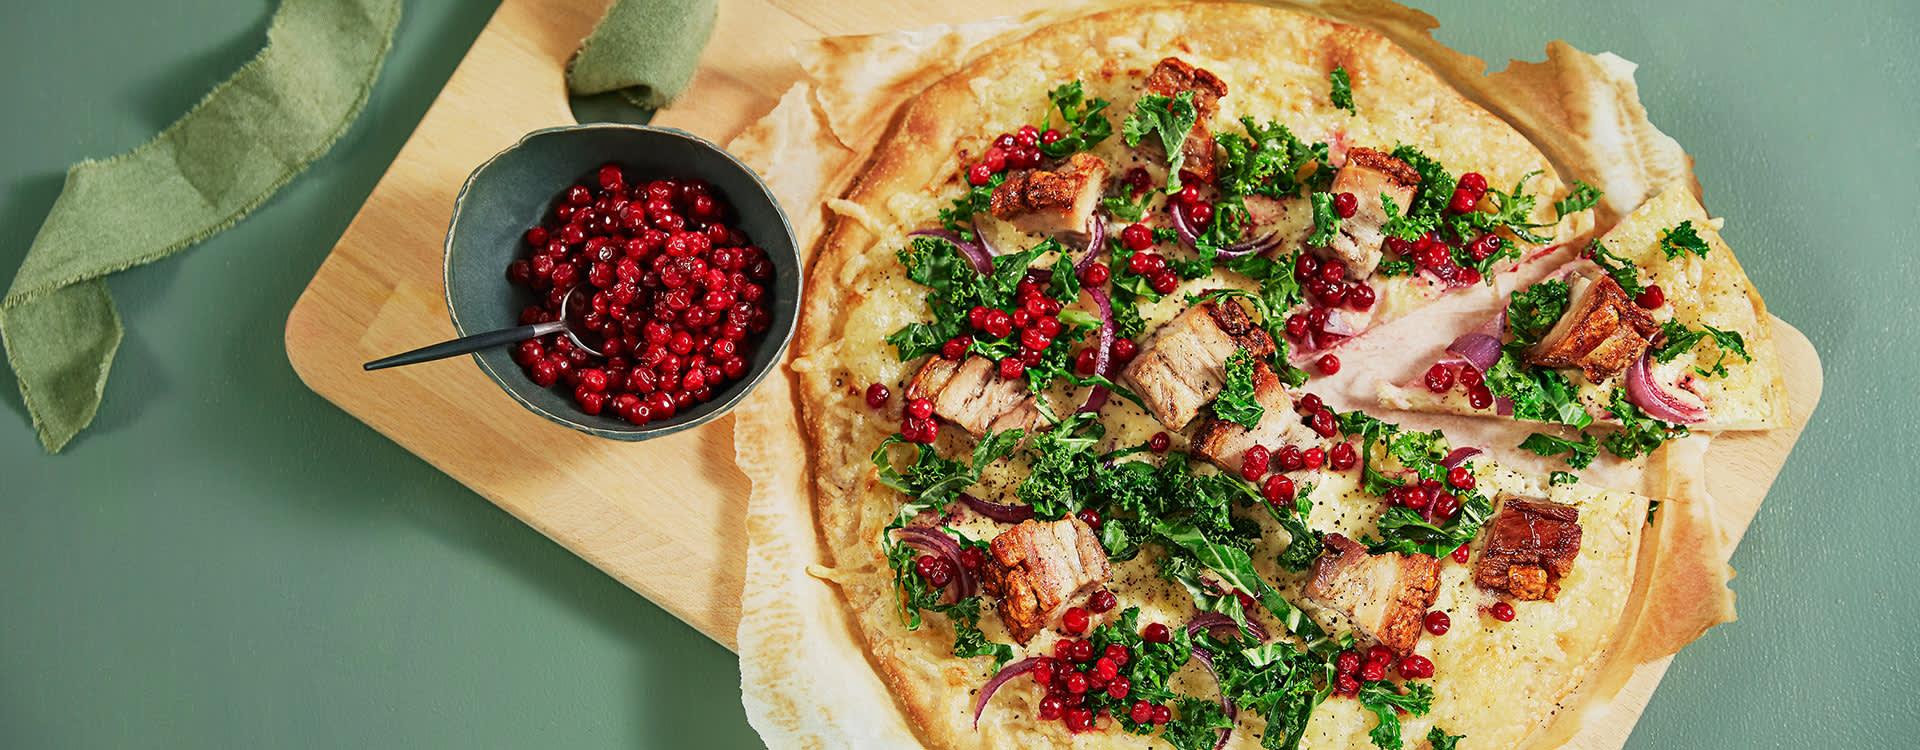 Julepizza med edamer og ribbe